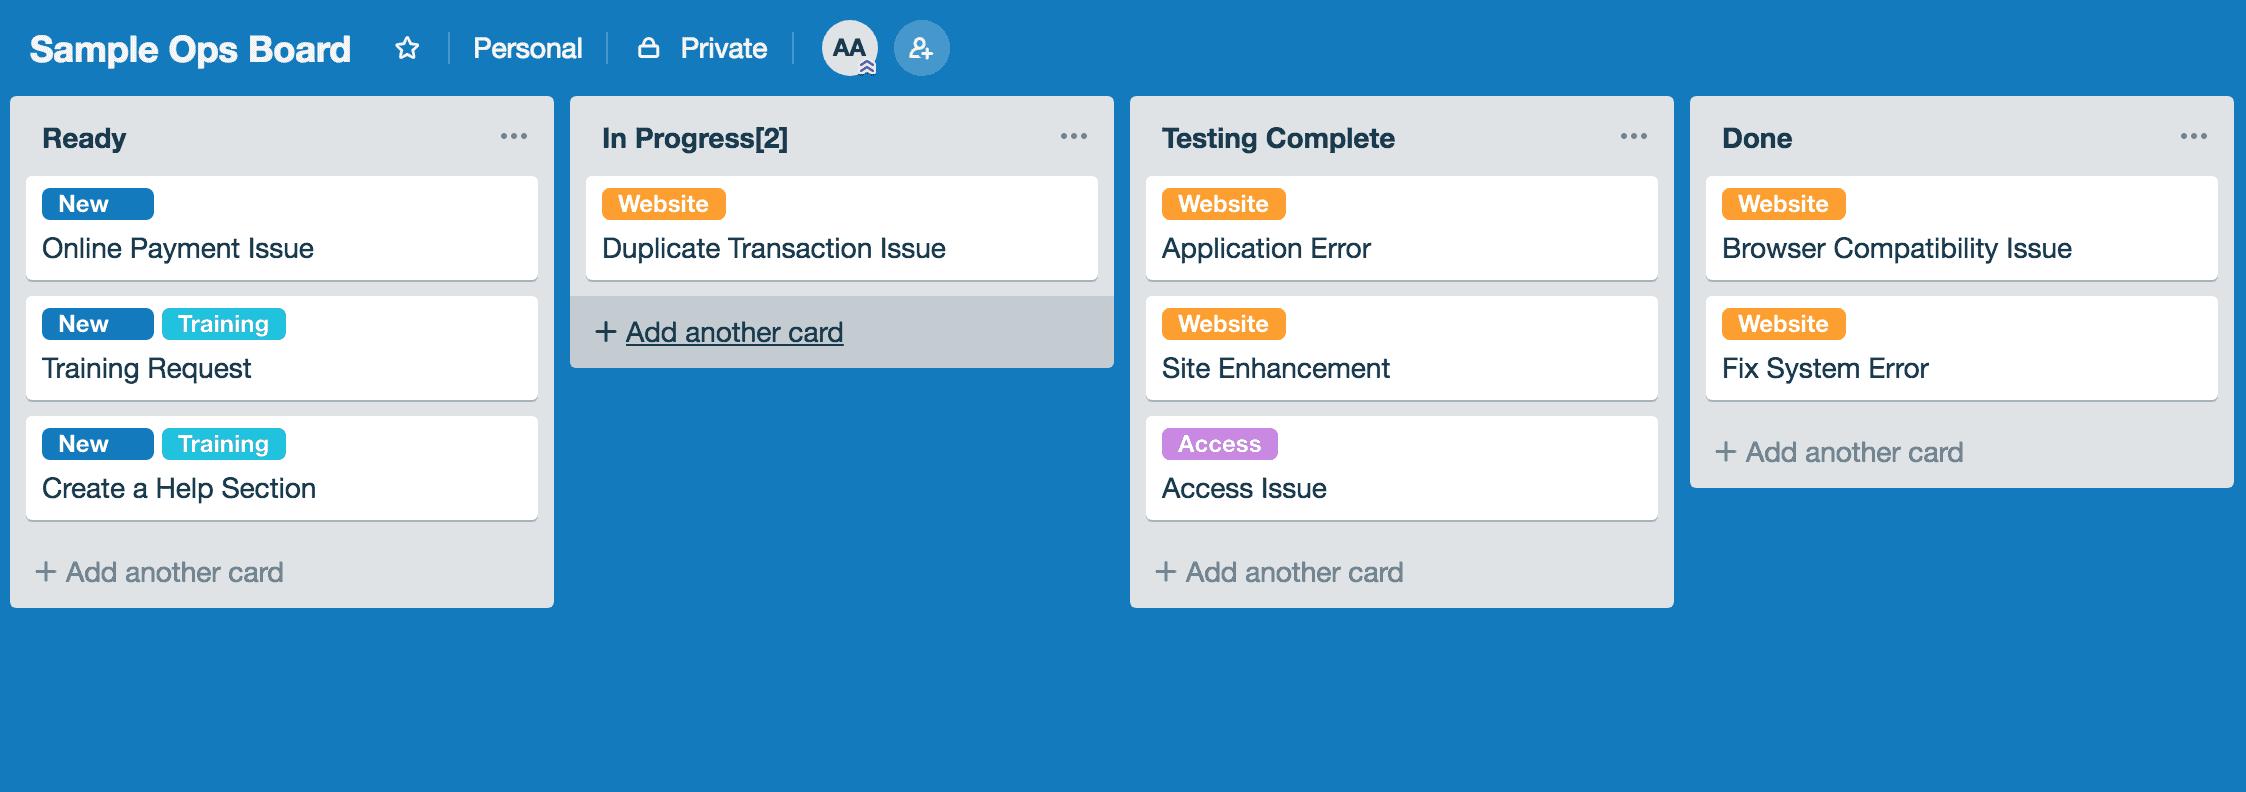 Sample Kanban Board - DevOps